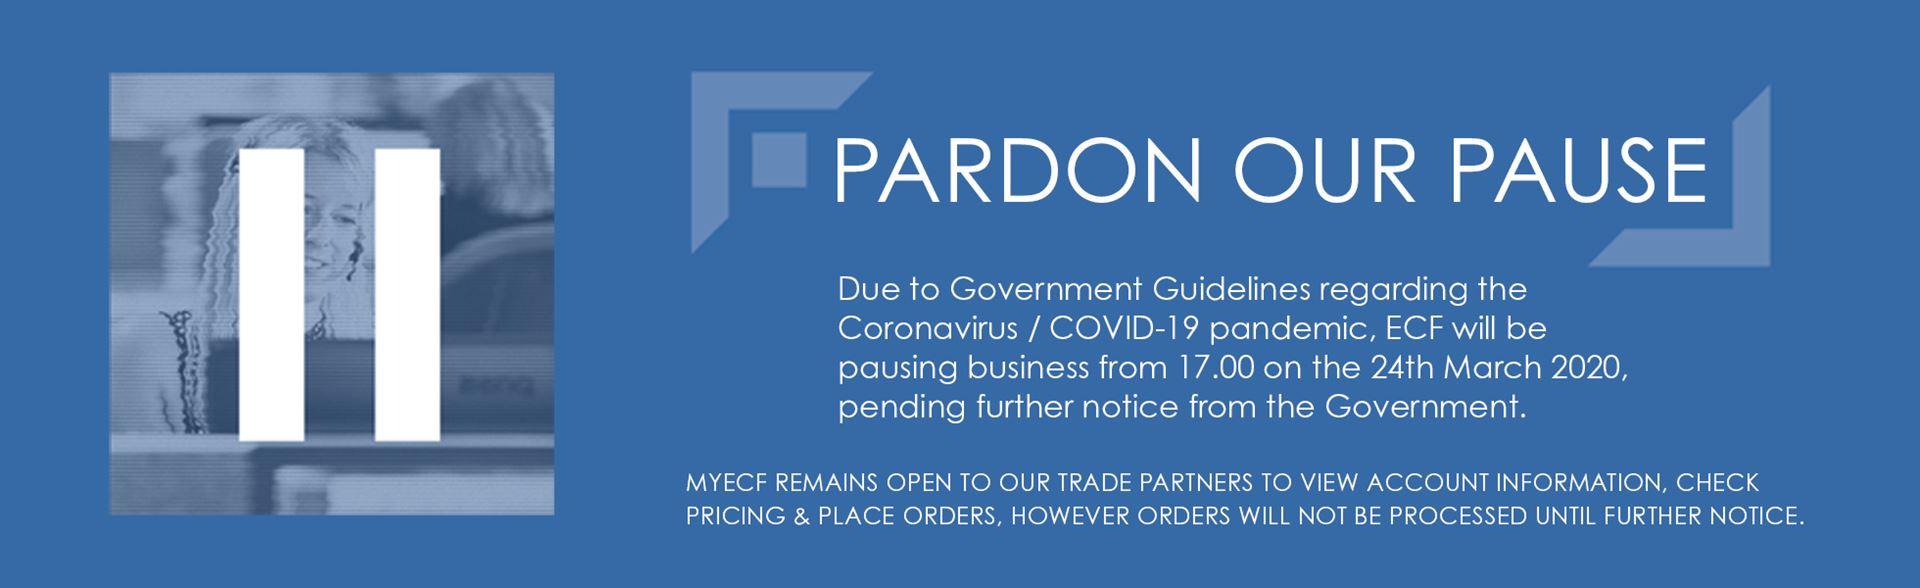 PARDON OUR PAUSE